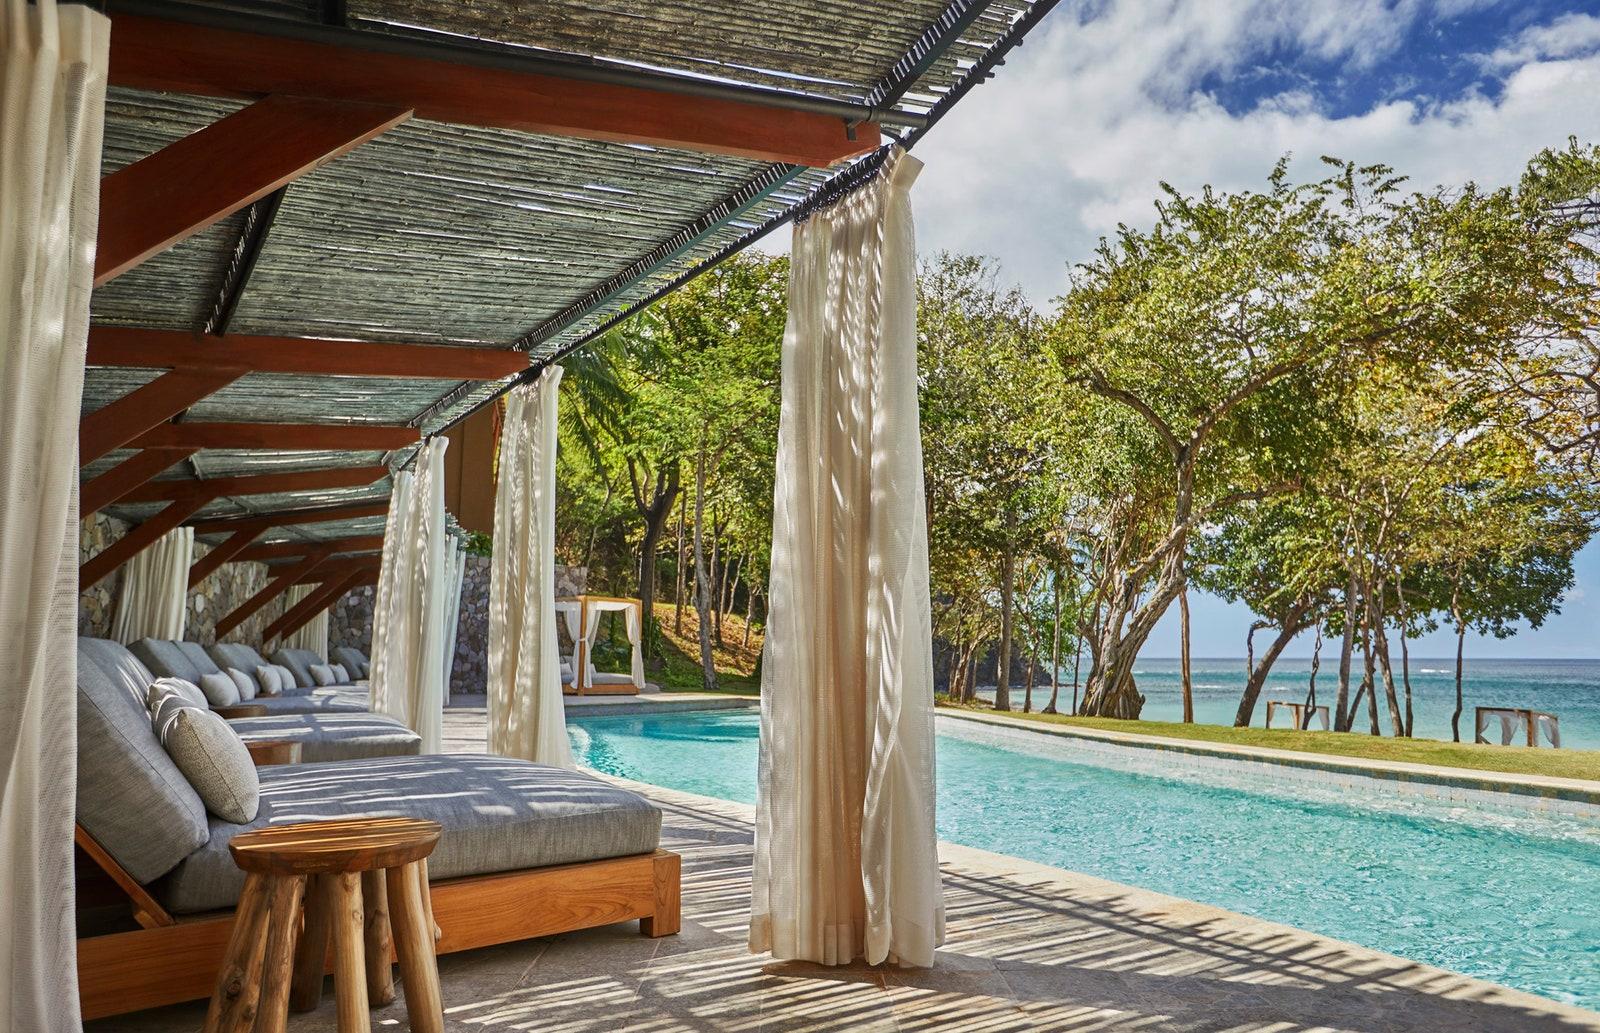 Four Seasons Private Residences Prieta Bay Peninsula Papagayo